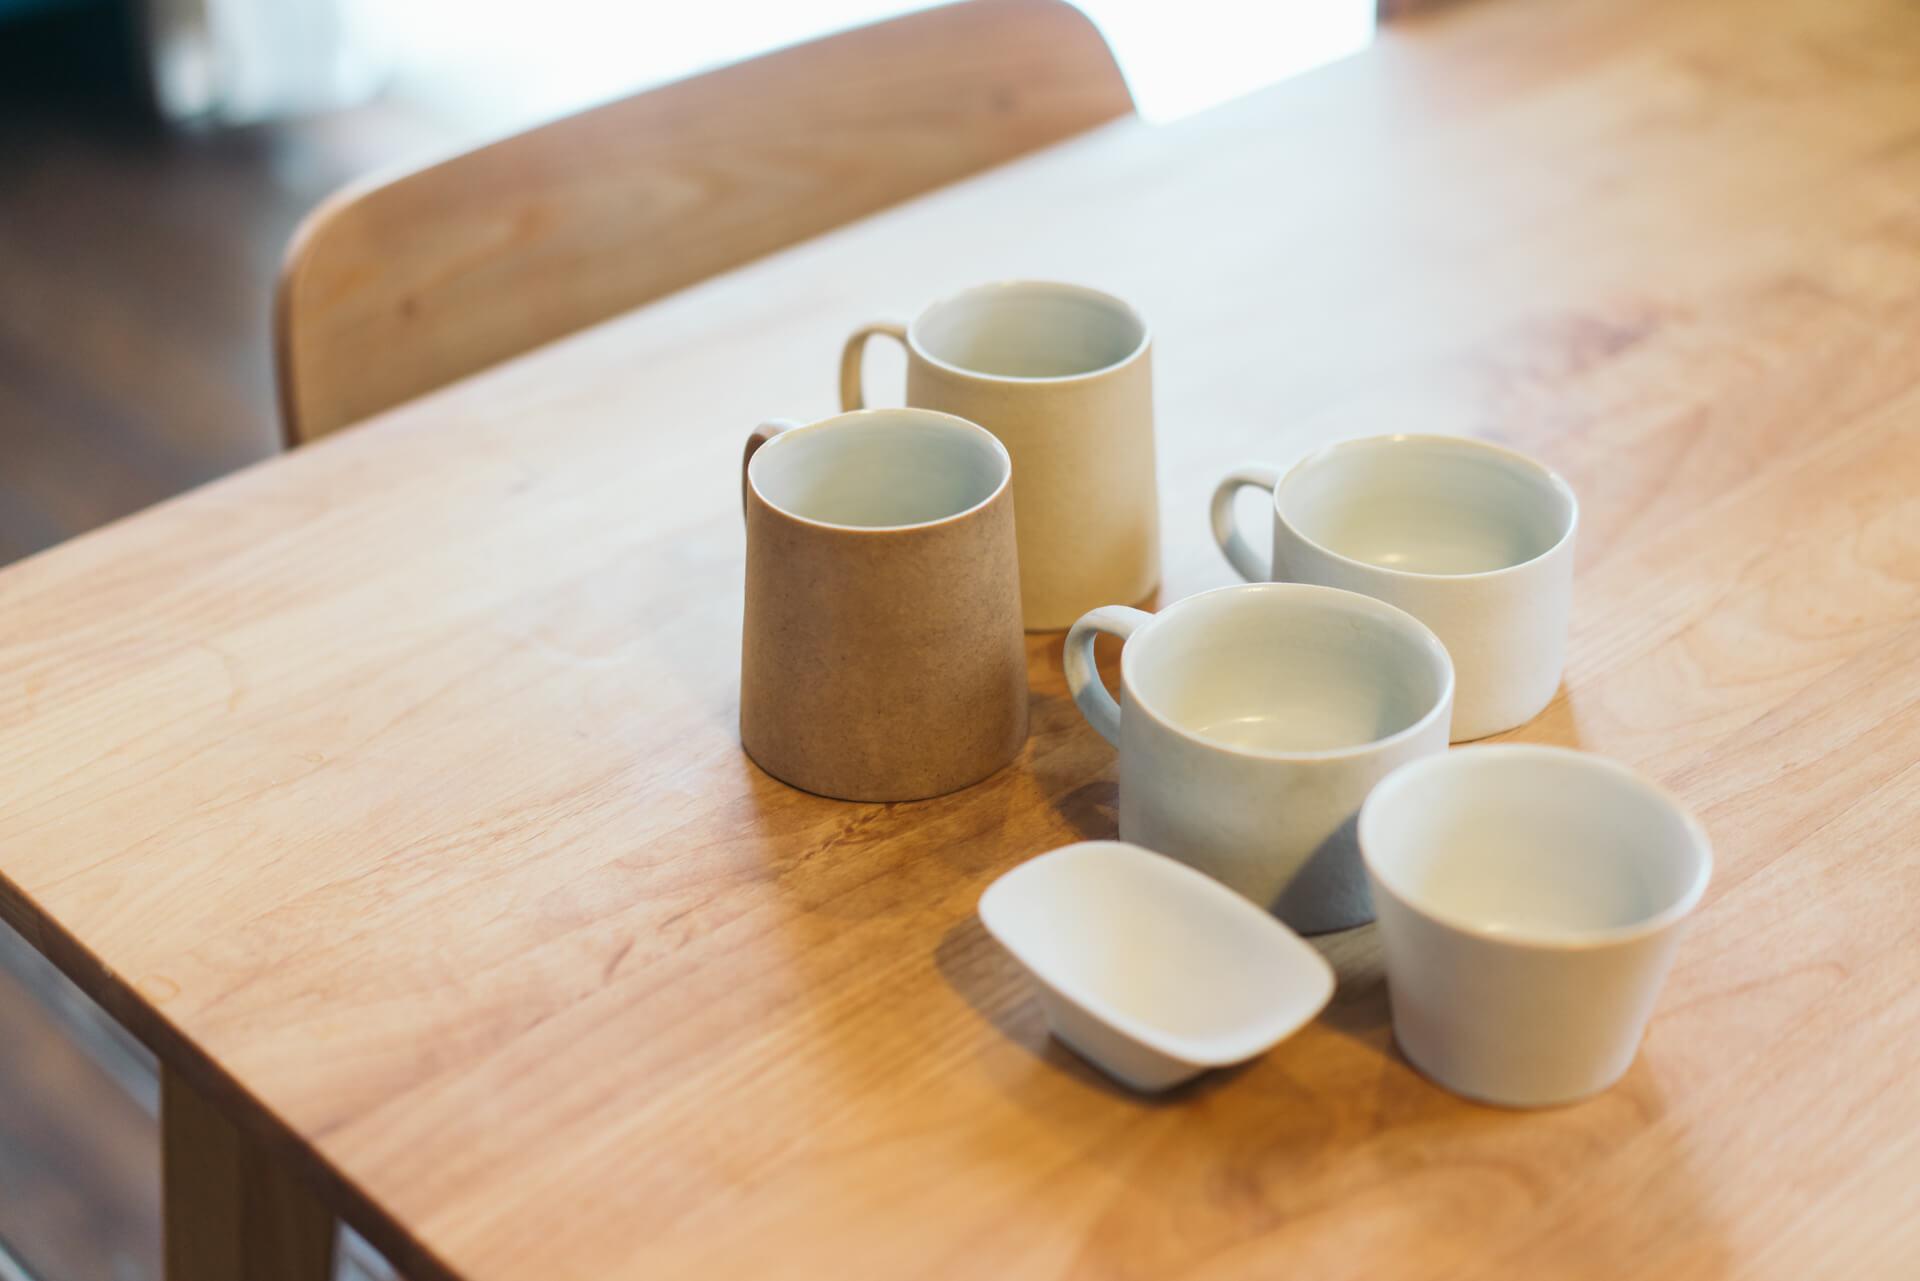 桑原典子さんの笠間焼の器は、ざらっとしてる質感が好き。